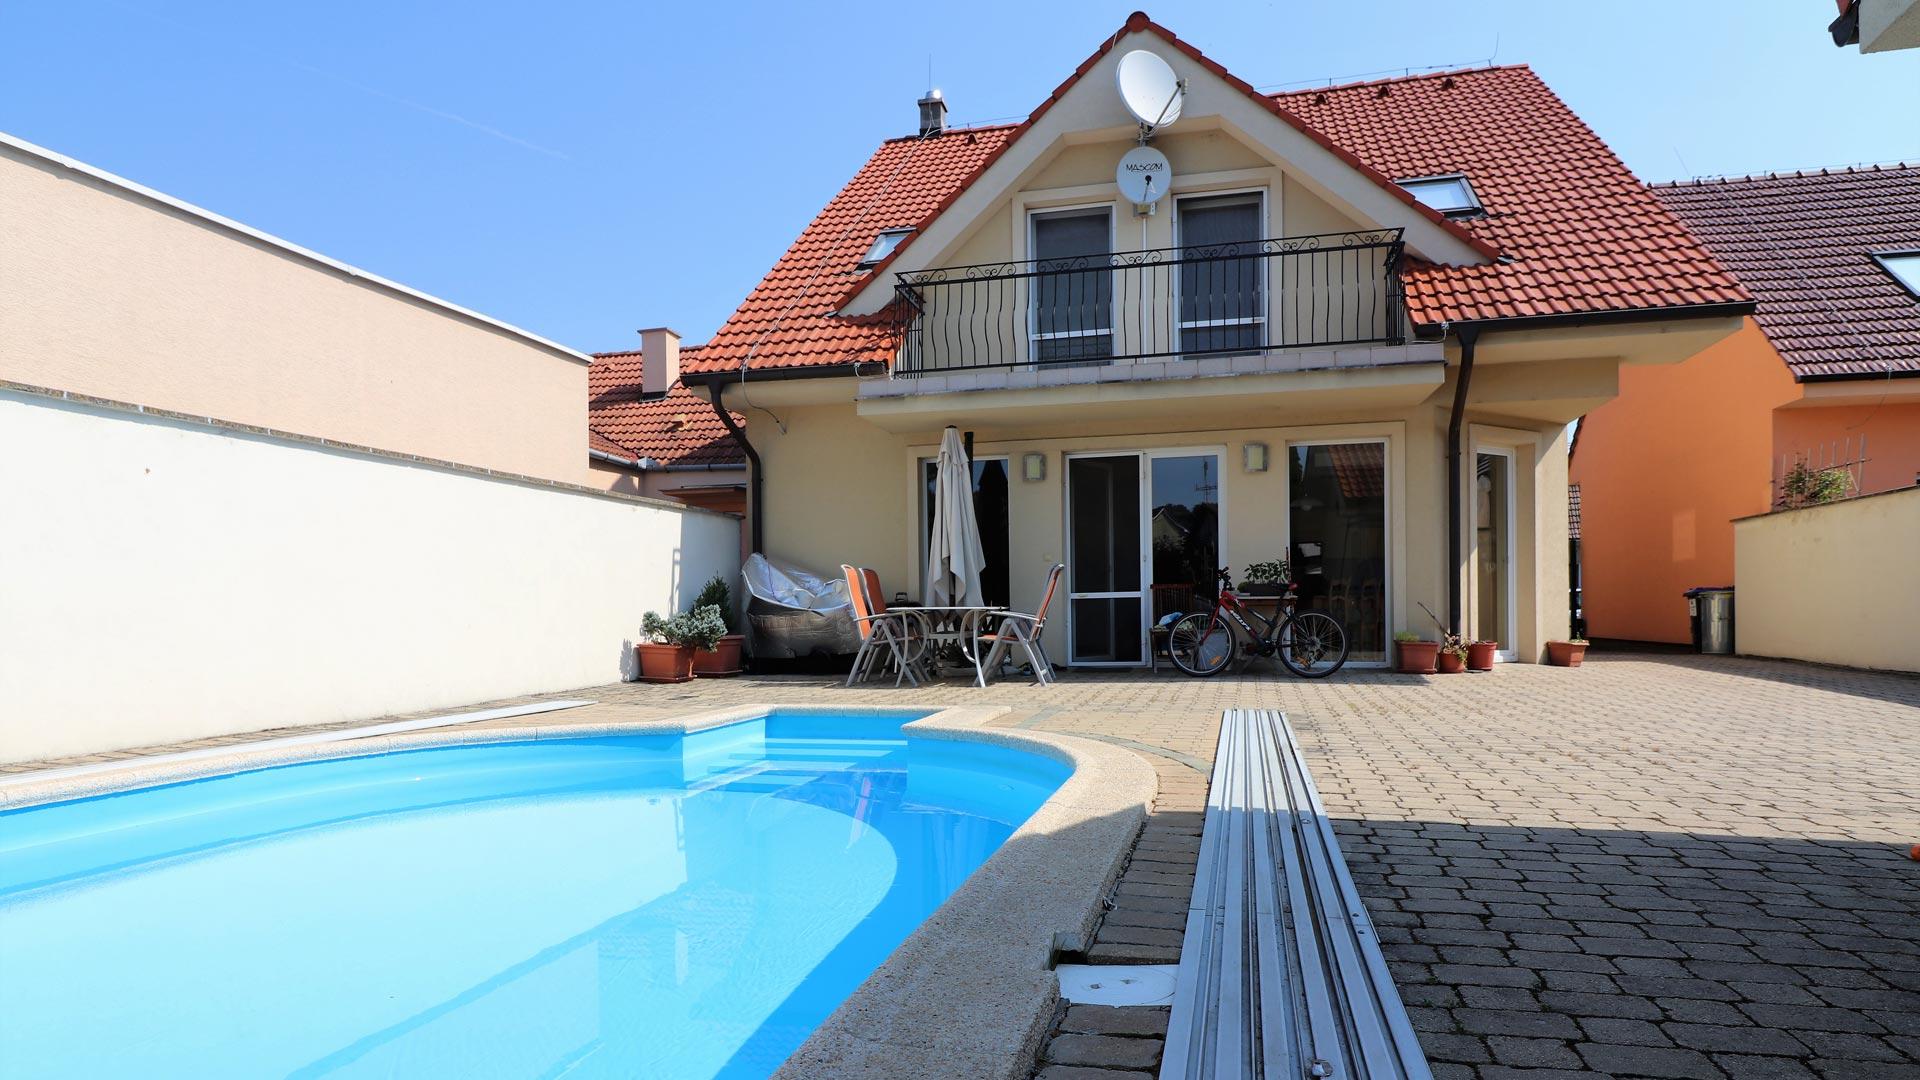 Nadštandardný 5 - izbový dom s garážou a bazénom